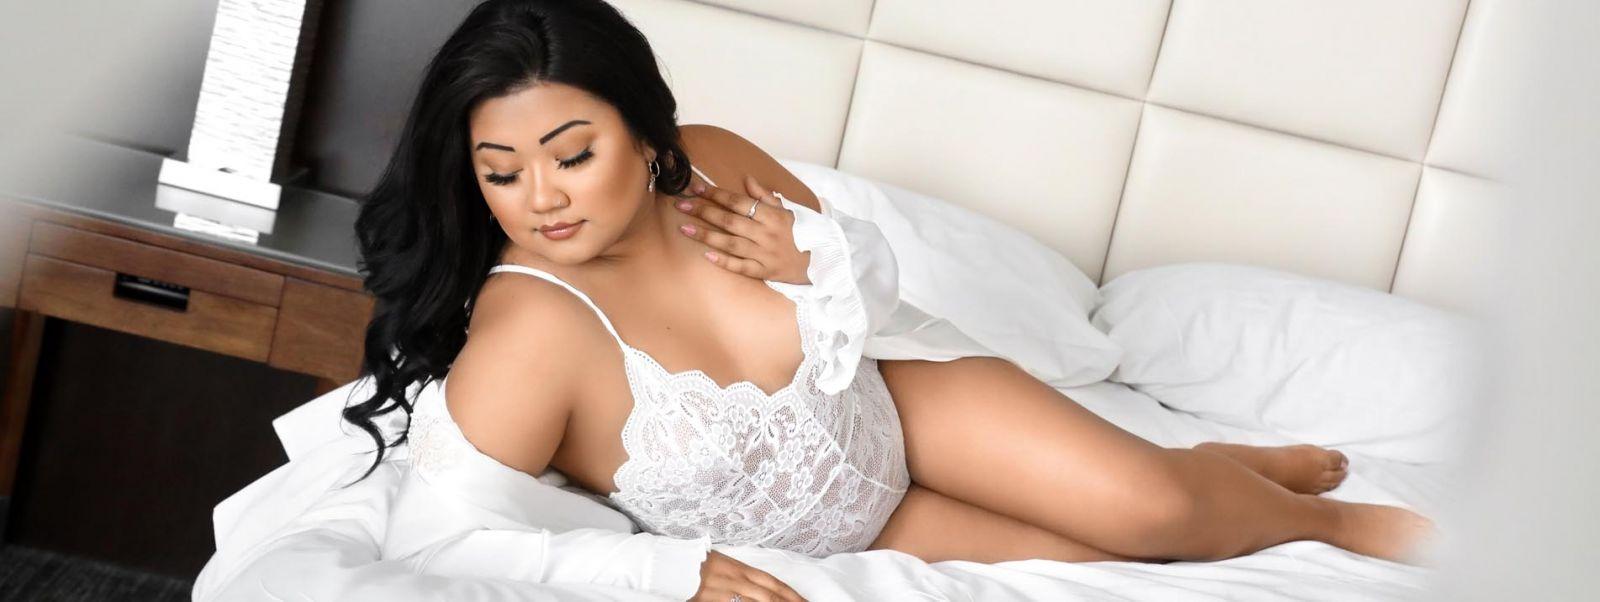 boudoir photo shoot model